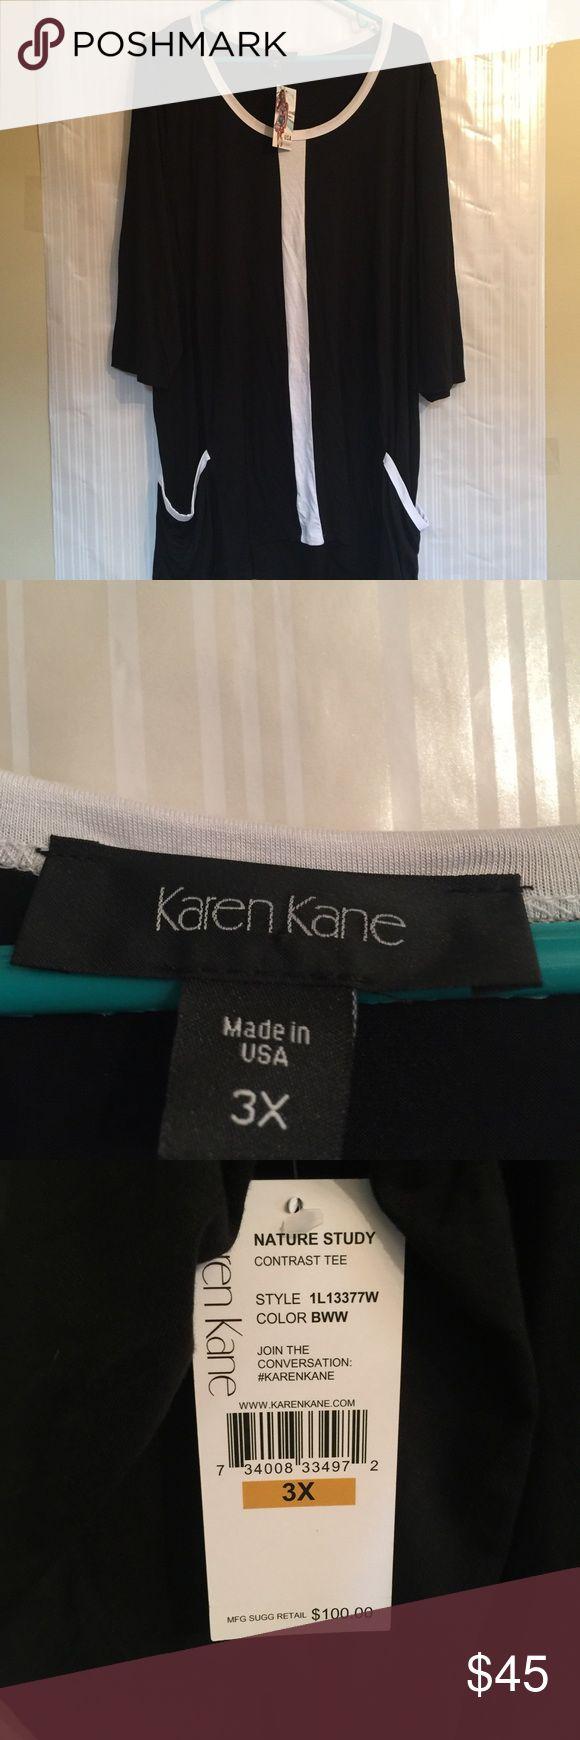 NWT Karen Kane Top Karen Kane Top that is perfect for Spring. Karen Kane Tops Tunics